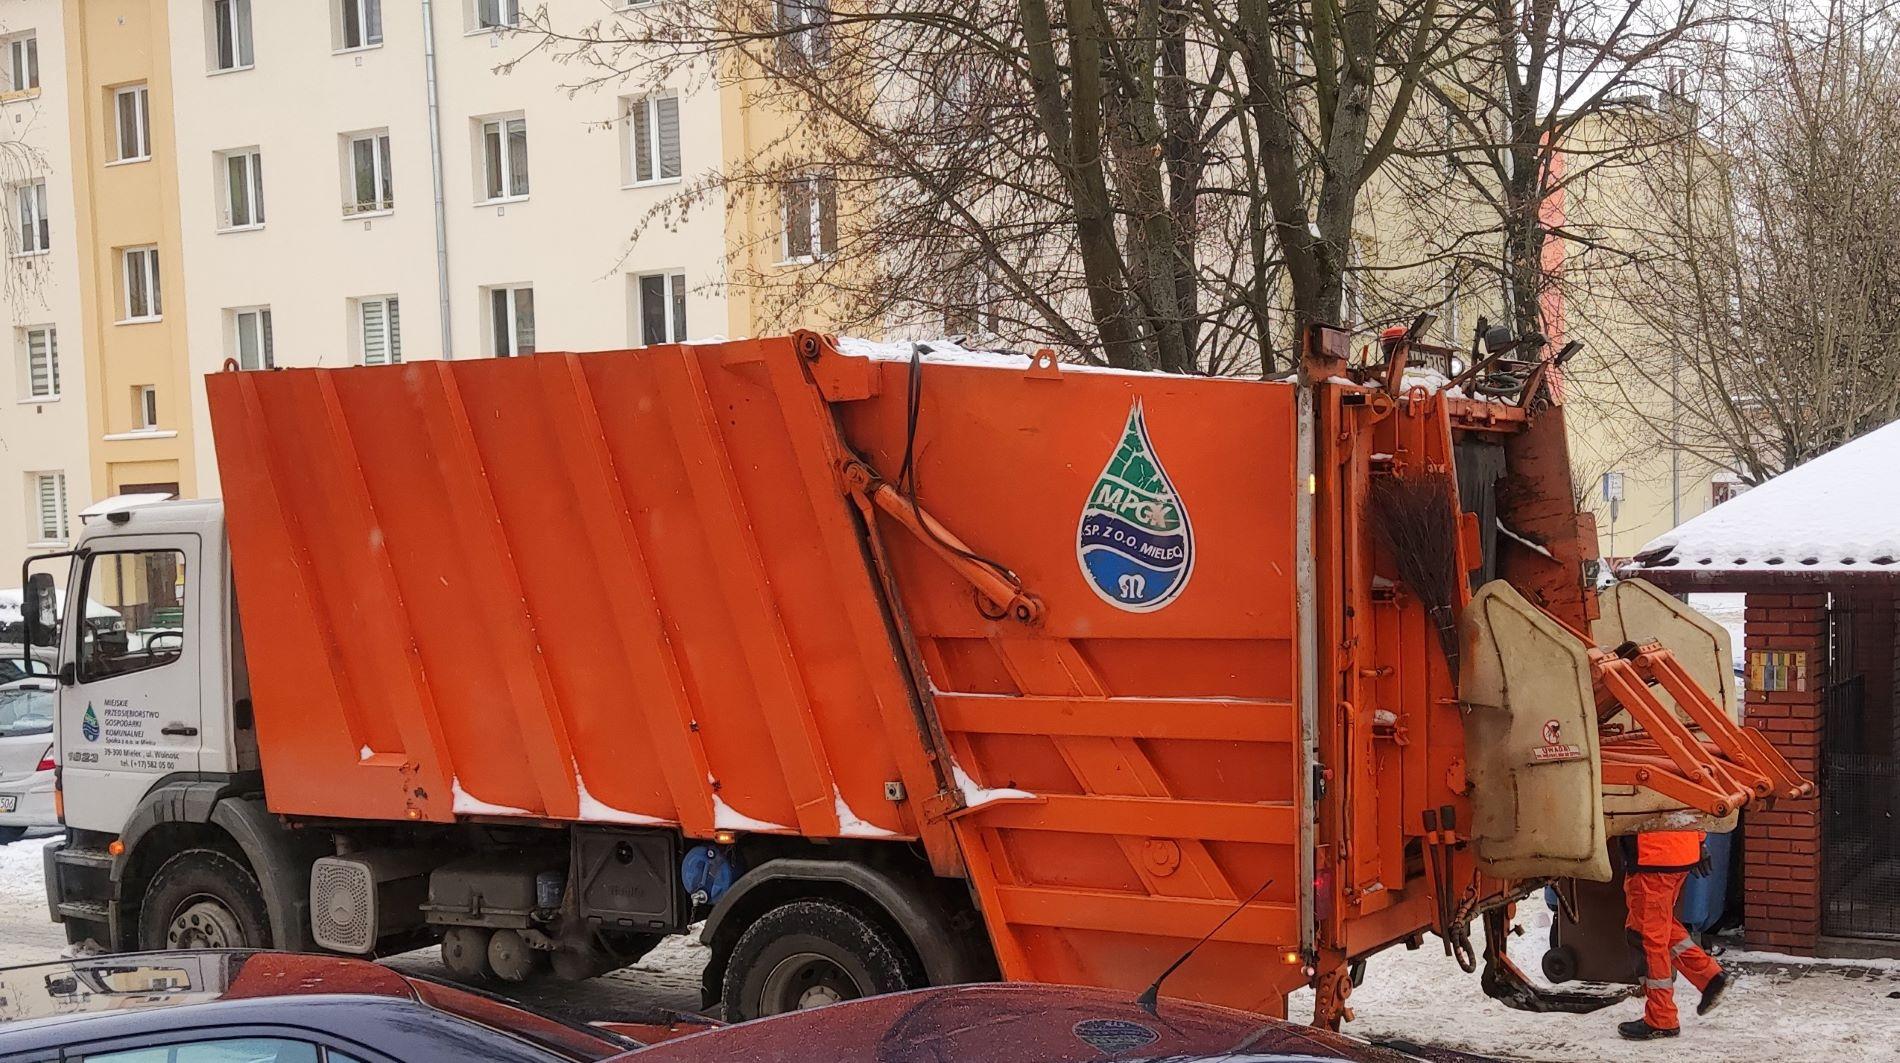 Dziwna sytuacja z przetargiem na odbiór śmieci w Mielcu. Urząd Miasta zabrał głos - Zdjęcie główne